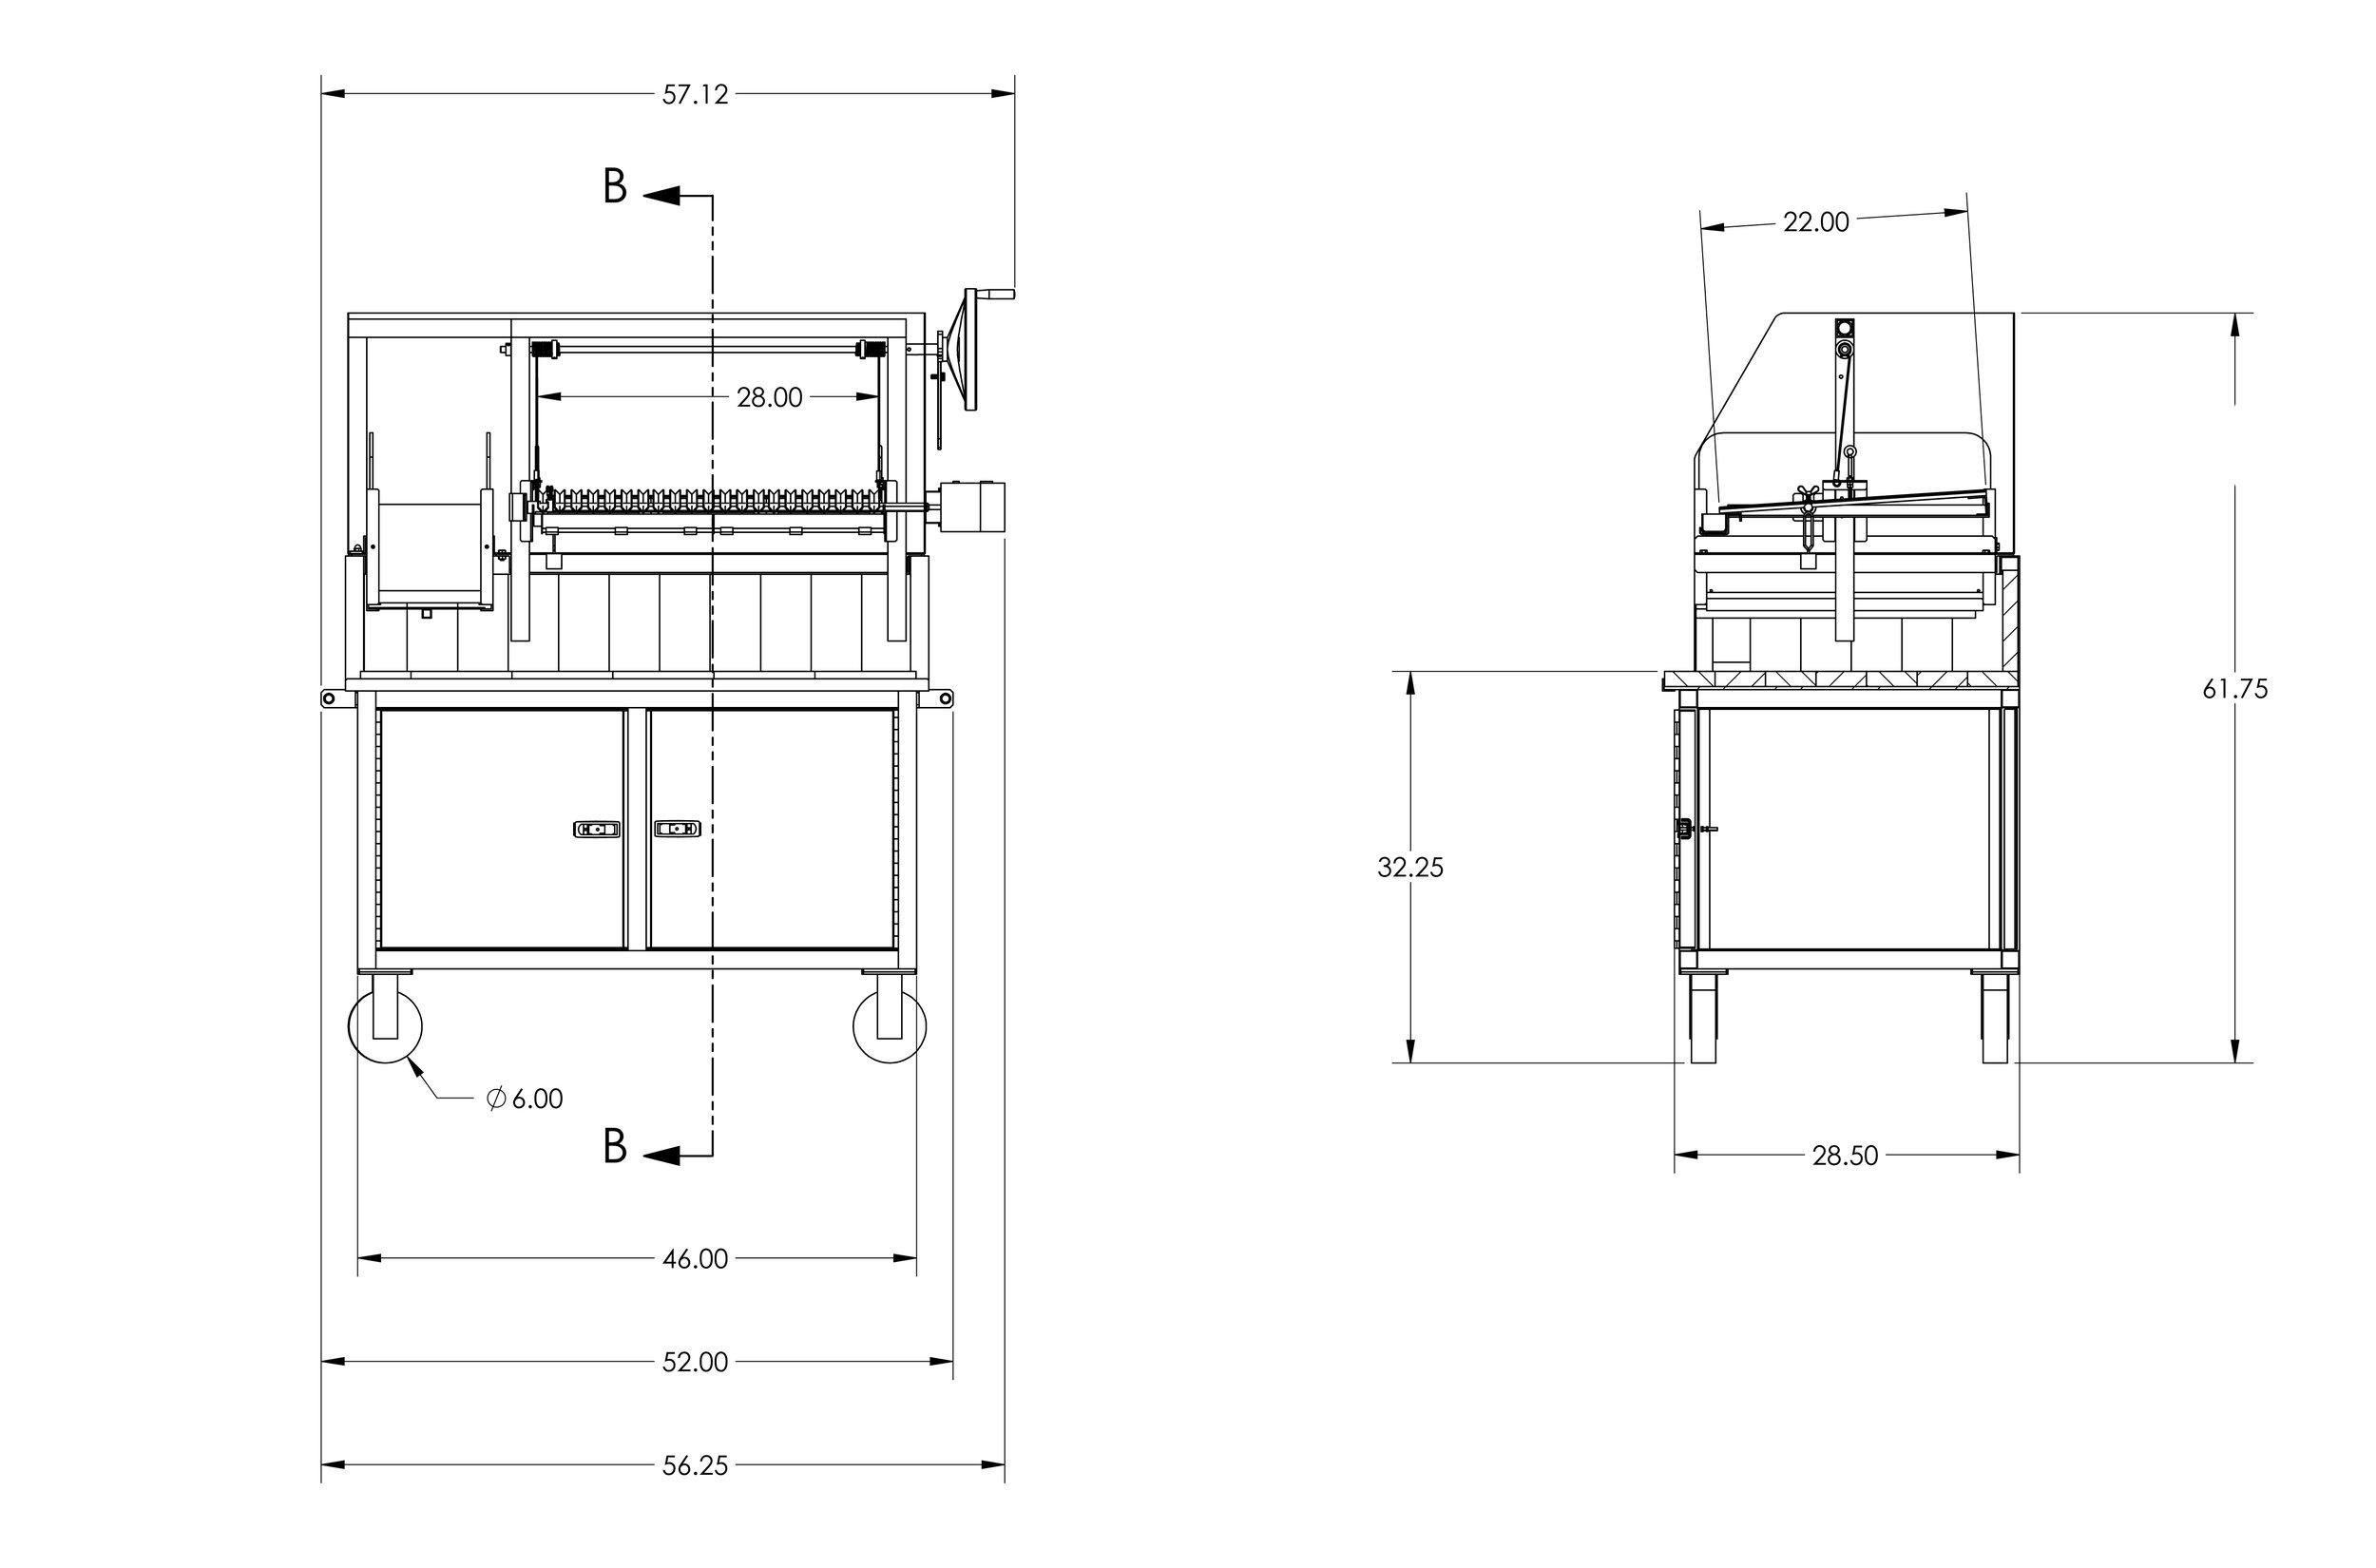 GG3-1B SUPREMO, GAUCHO Dimensions.jpg